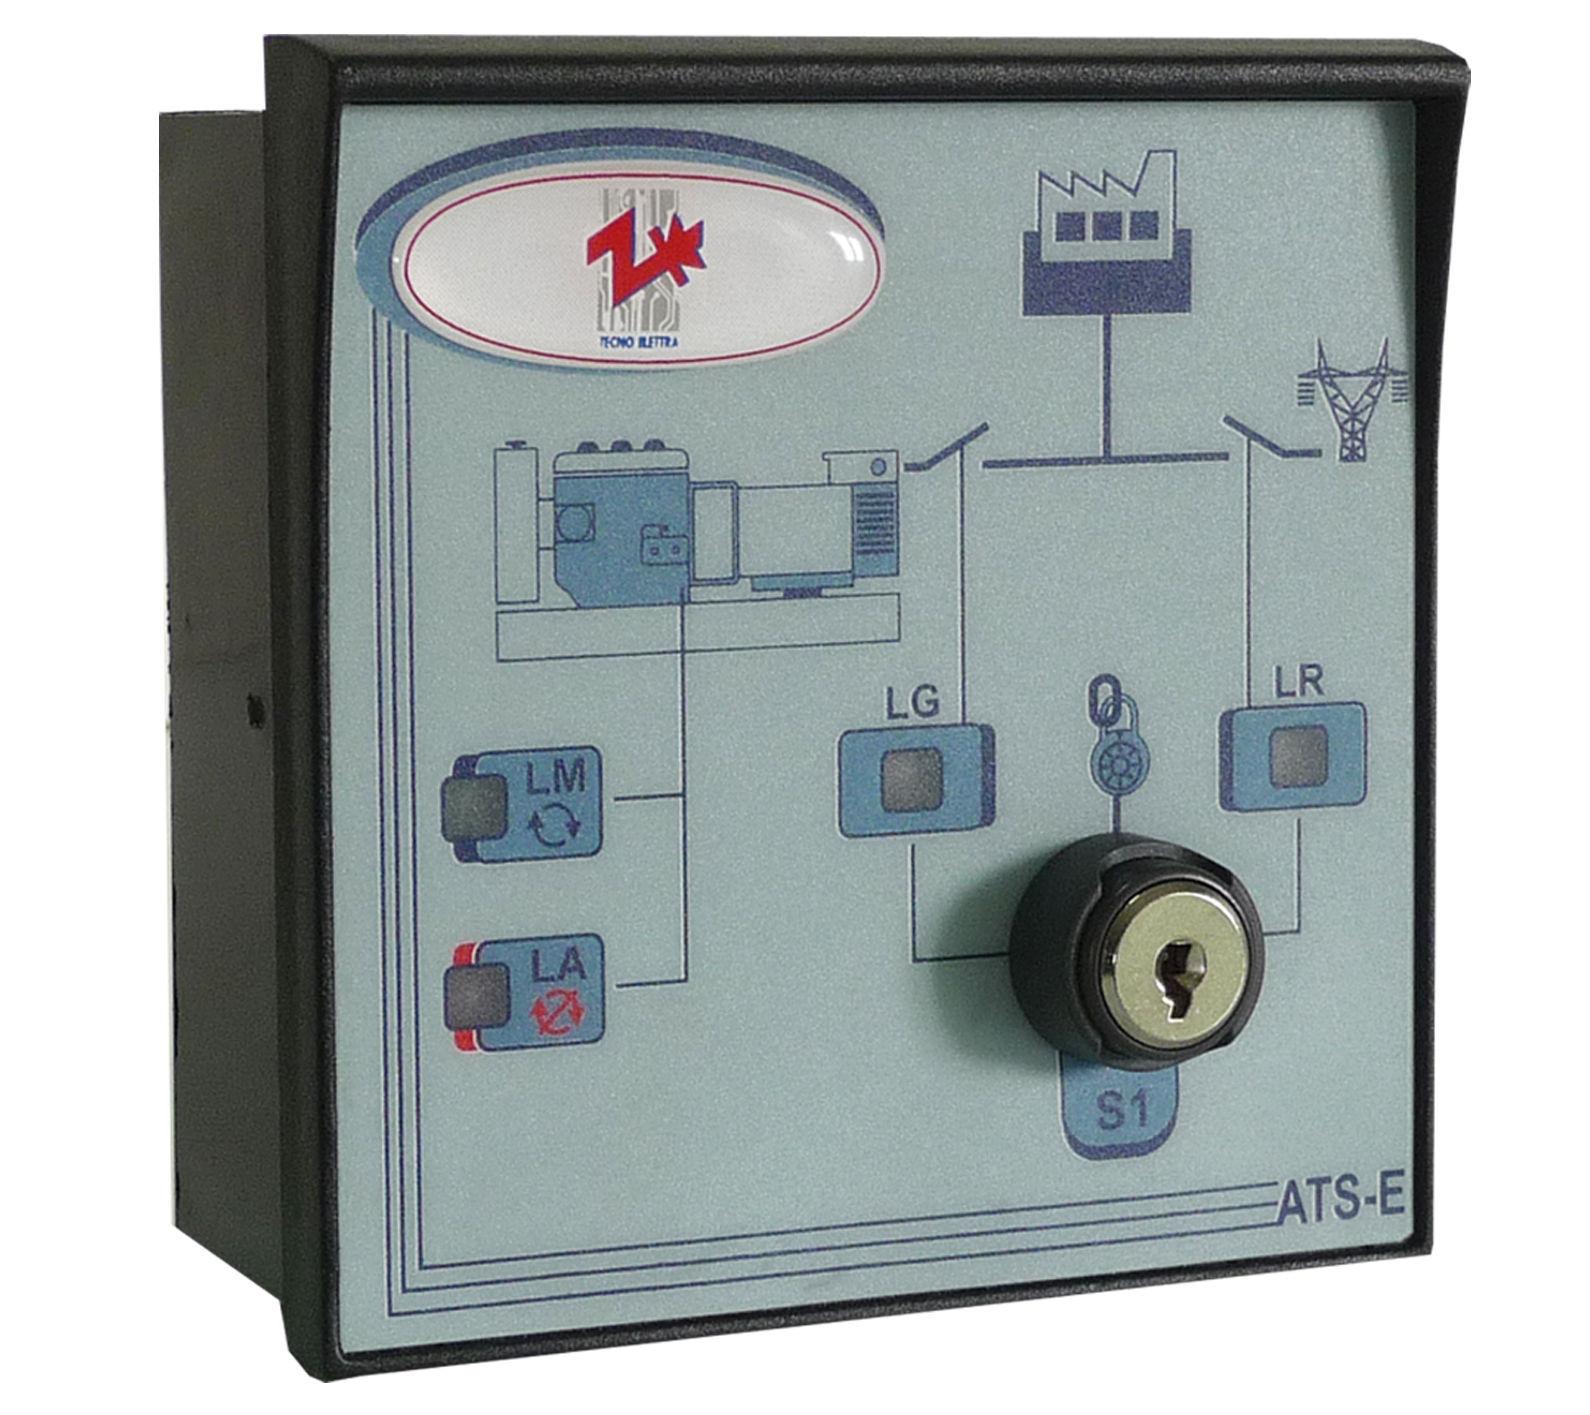 Schema Elettrico Quadro Ats : Controllore di gruppo elettrogeno manuale ats e tecnoelettra